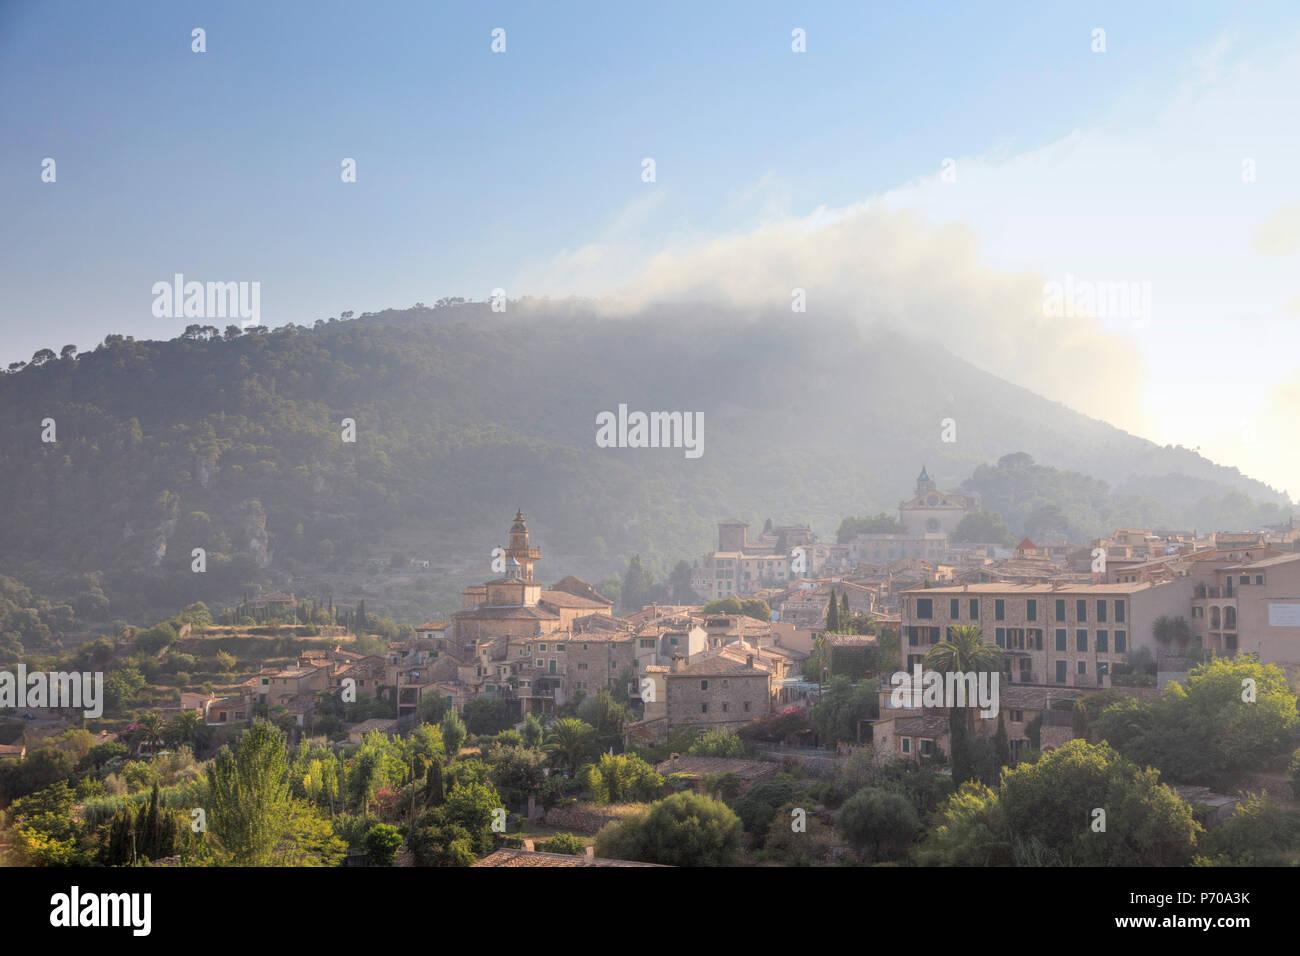 L'Espagne, Îles Baléares, Mallorca, village de montagne de Valldemossa Banque D'Images